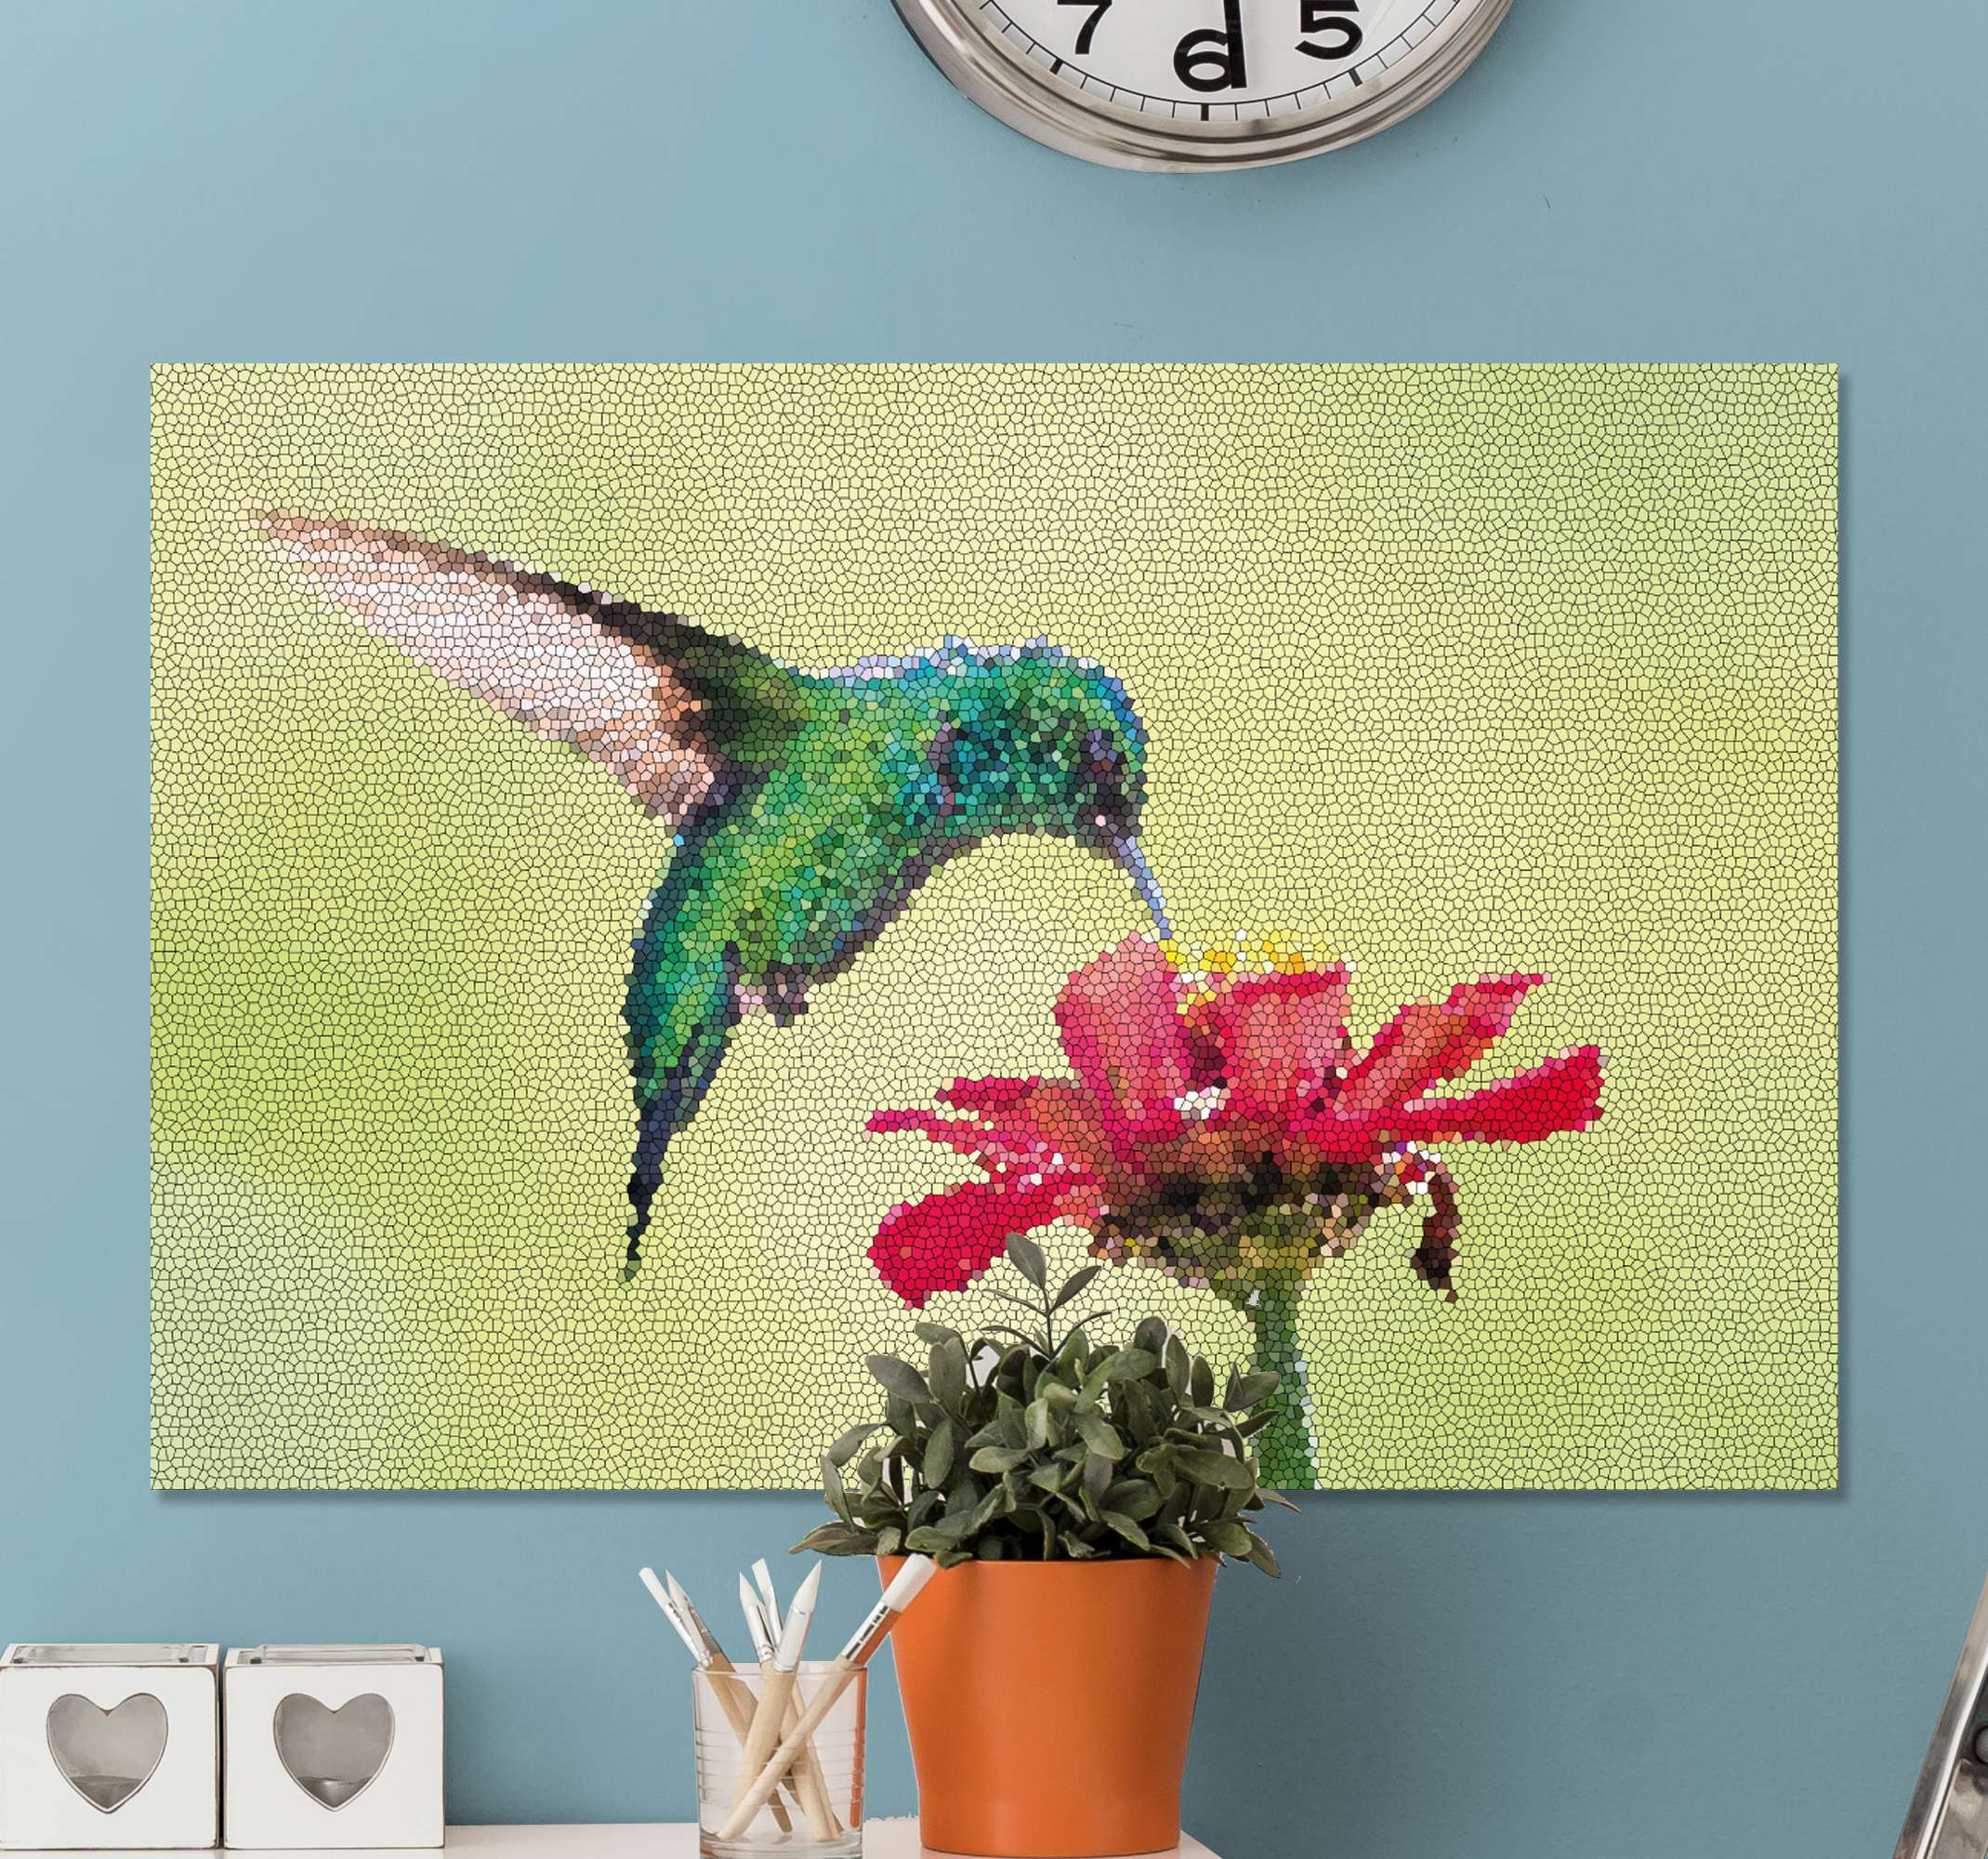 Tenstickers. Färgglada fågelfotomosaikduk. Om du vill förnya utseendet på ditt utrymme, skulle våra färgglada fågelmosaikdukar vara en bra idé för ett omvandlande utseende.